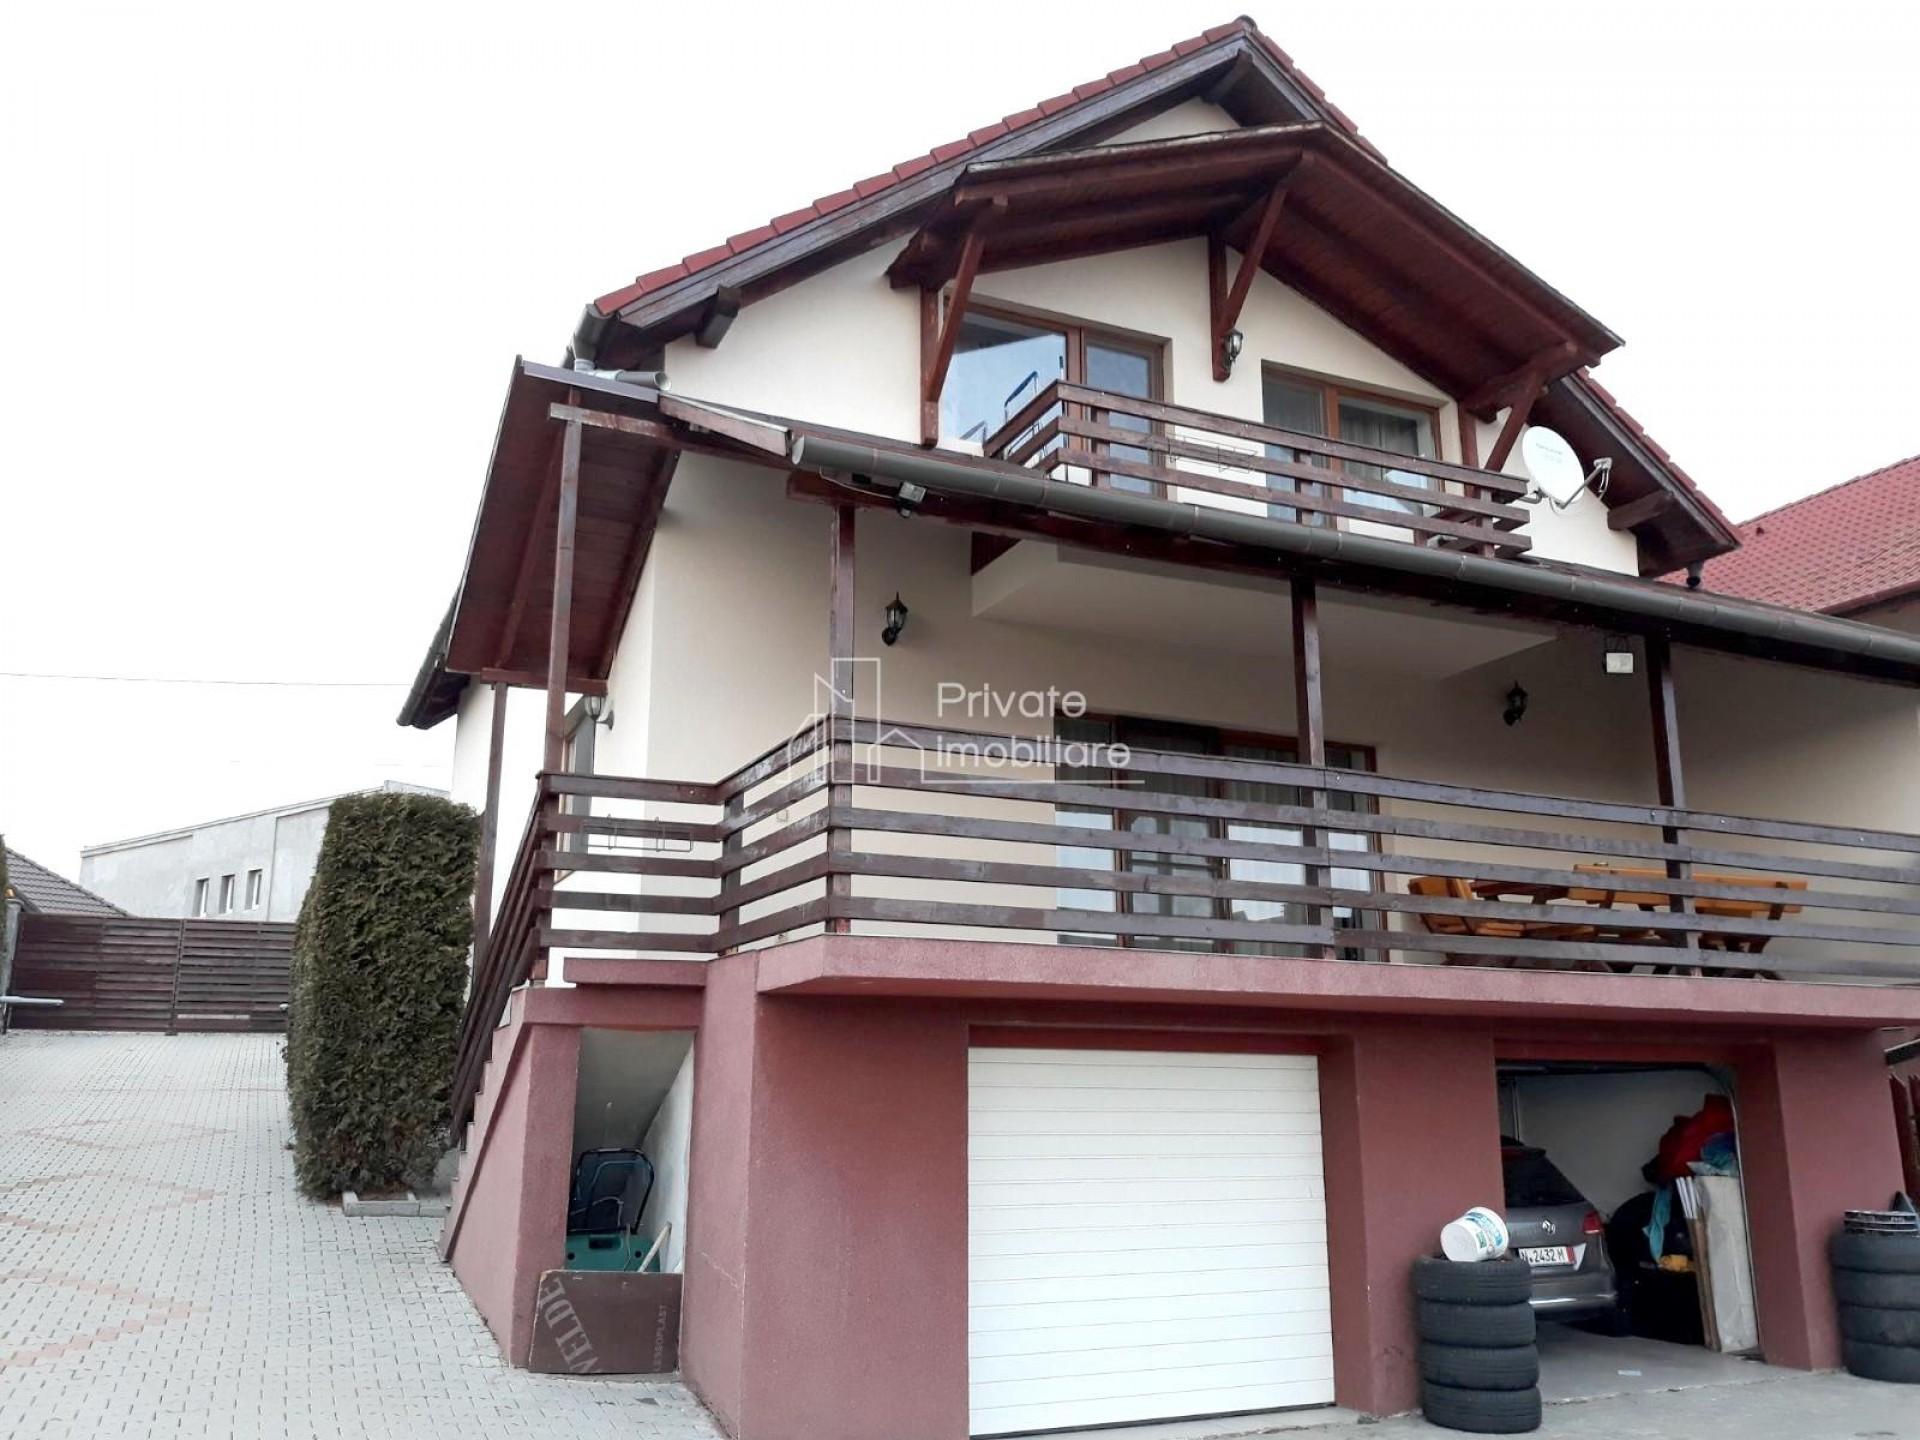 Casa moderna de vanzare in nazna mures for Casa moderna romania